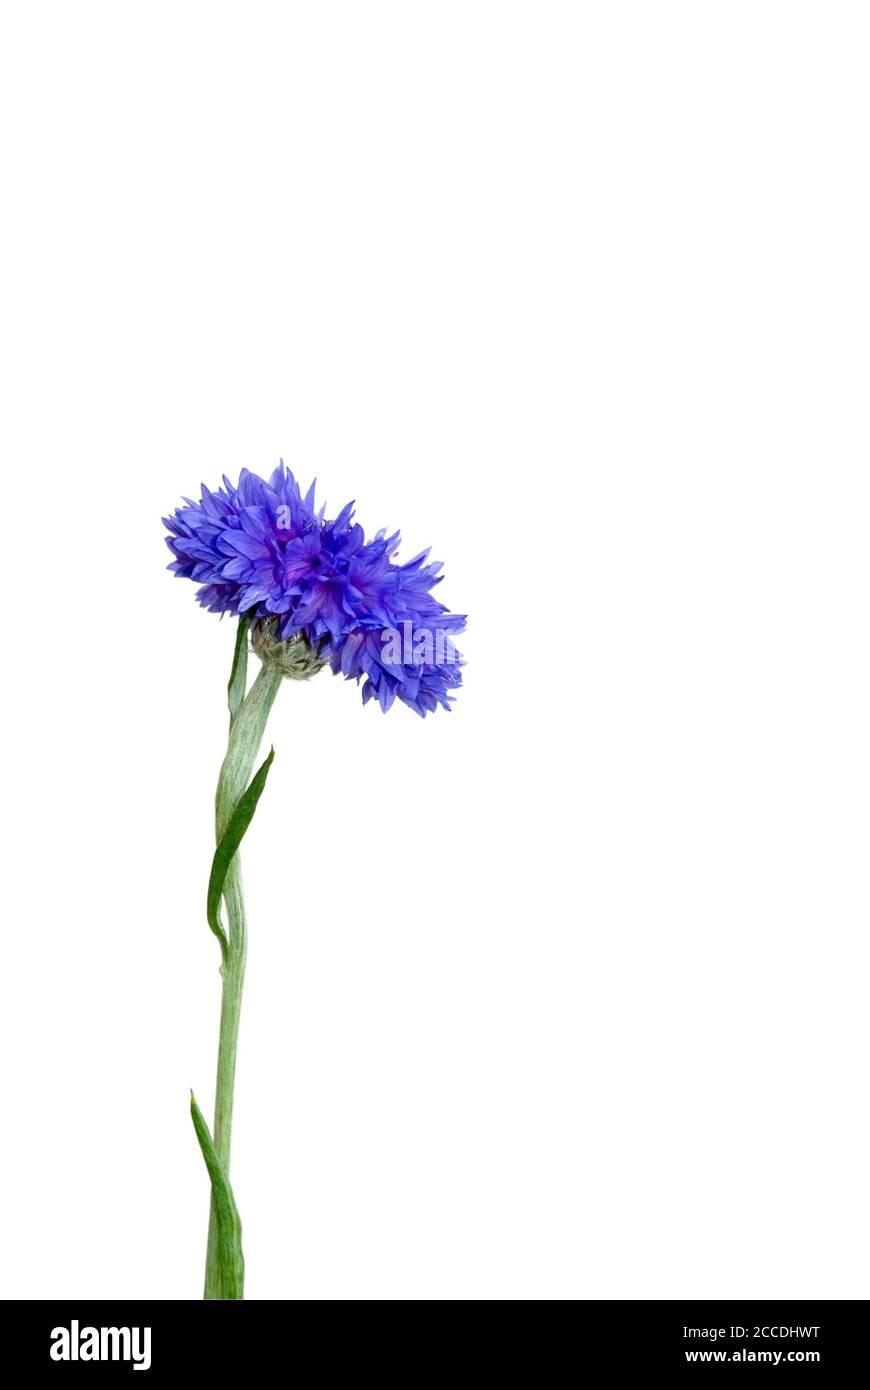 fleur isolée sur fond blanc Banque D'Images